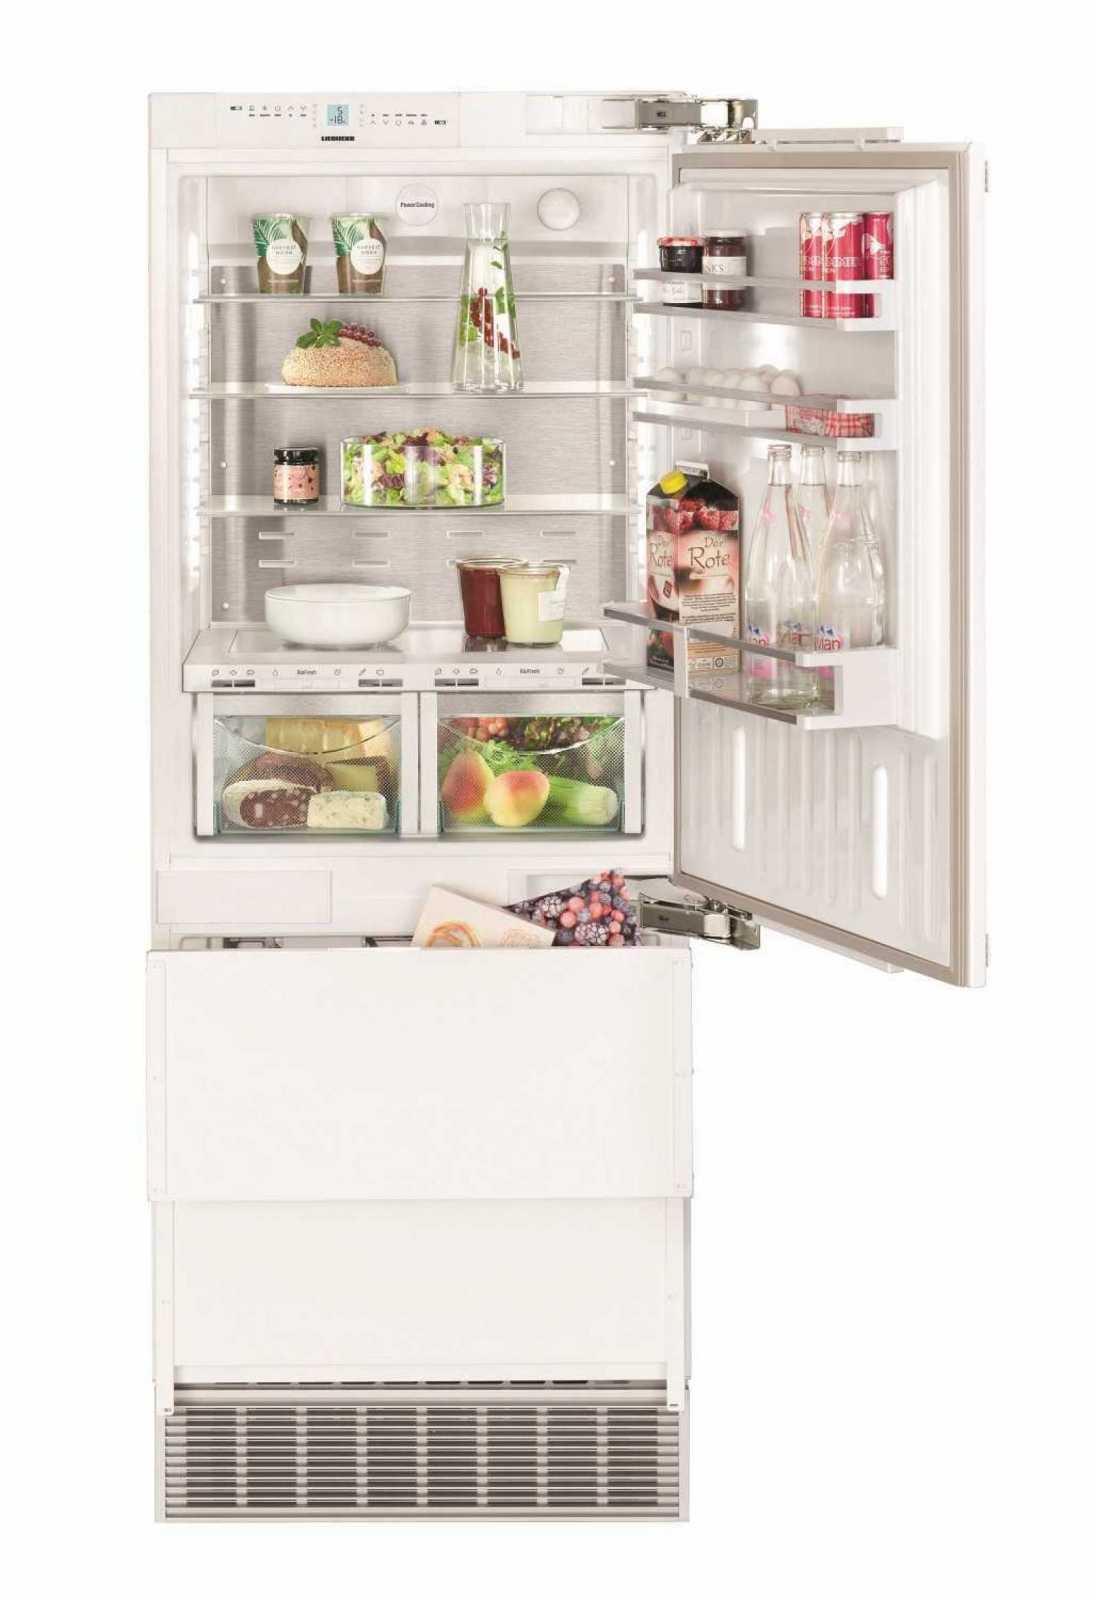 купить Встраиваемый двухкамерный холодильник Liebherr ECBN 5066 Украина фото 0